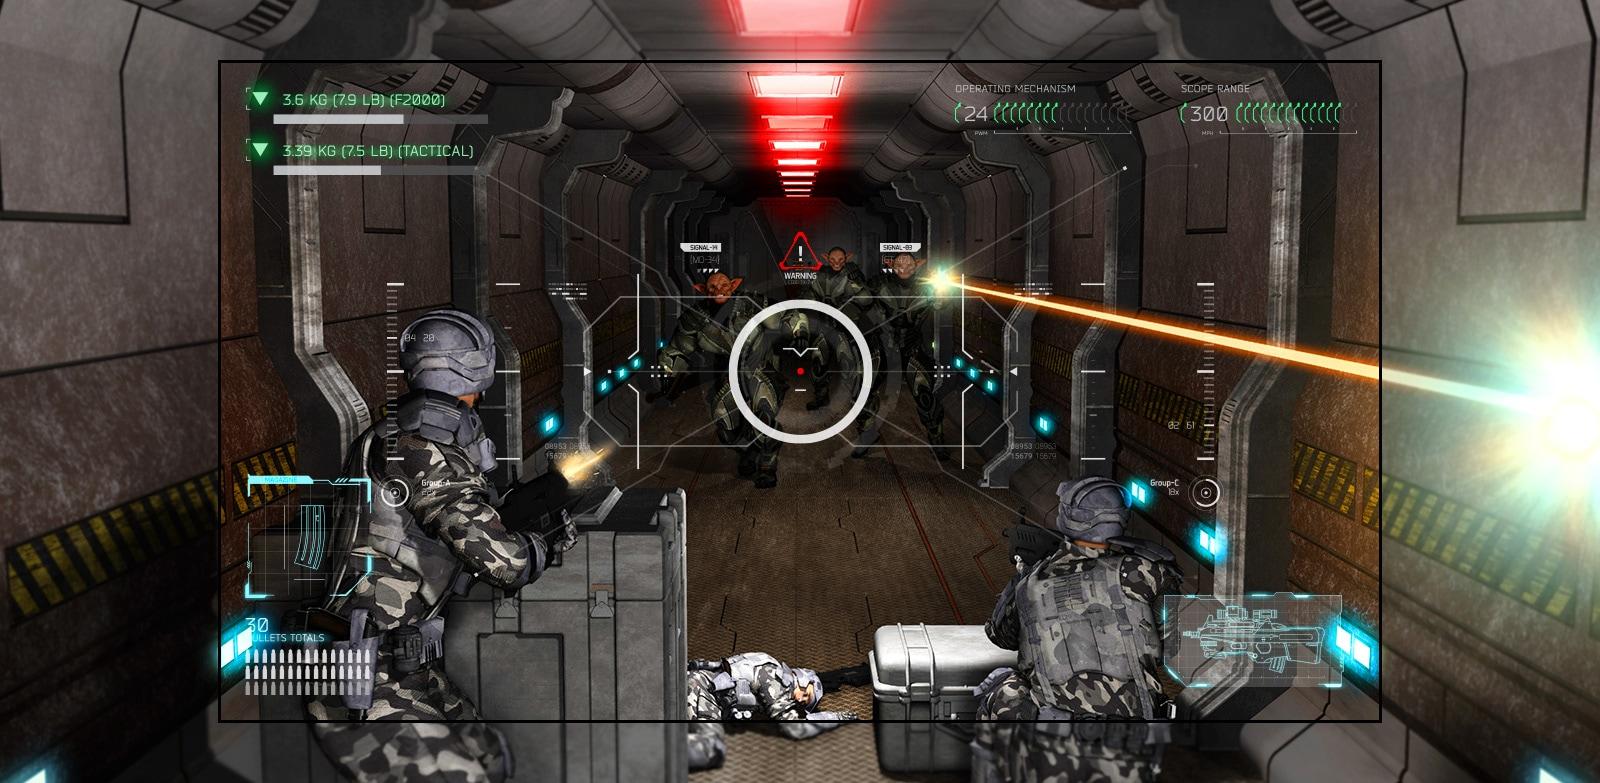 TV képernyőn megjelenő jelenet egy lövöldözős játékból, ahol a játékos fegyveres űrlények túlerejével néz szembe.